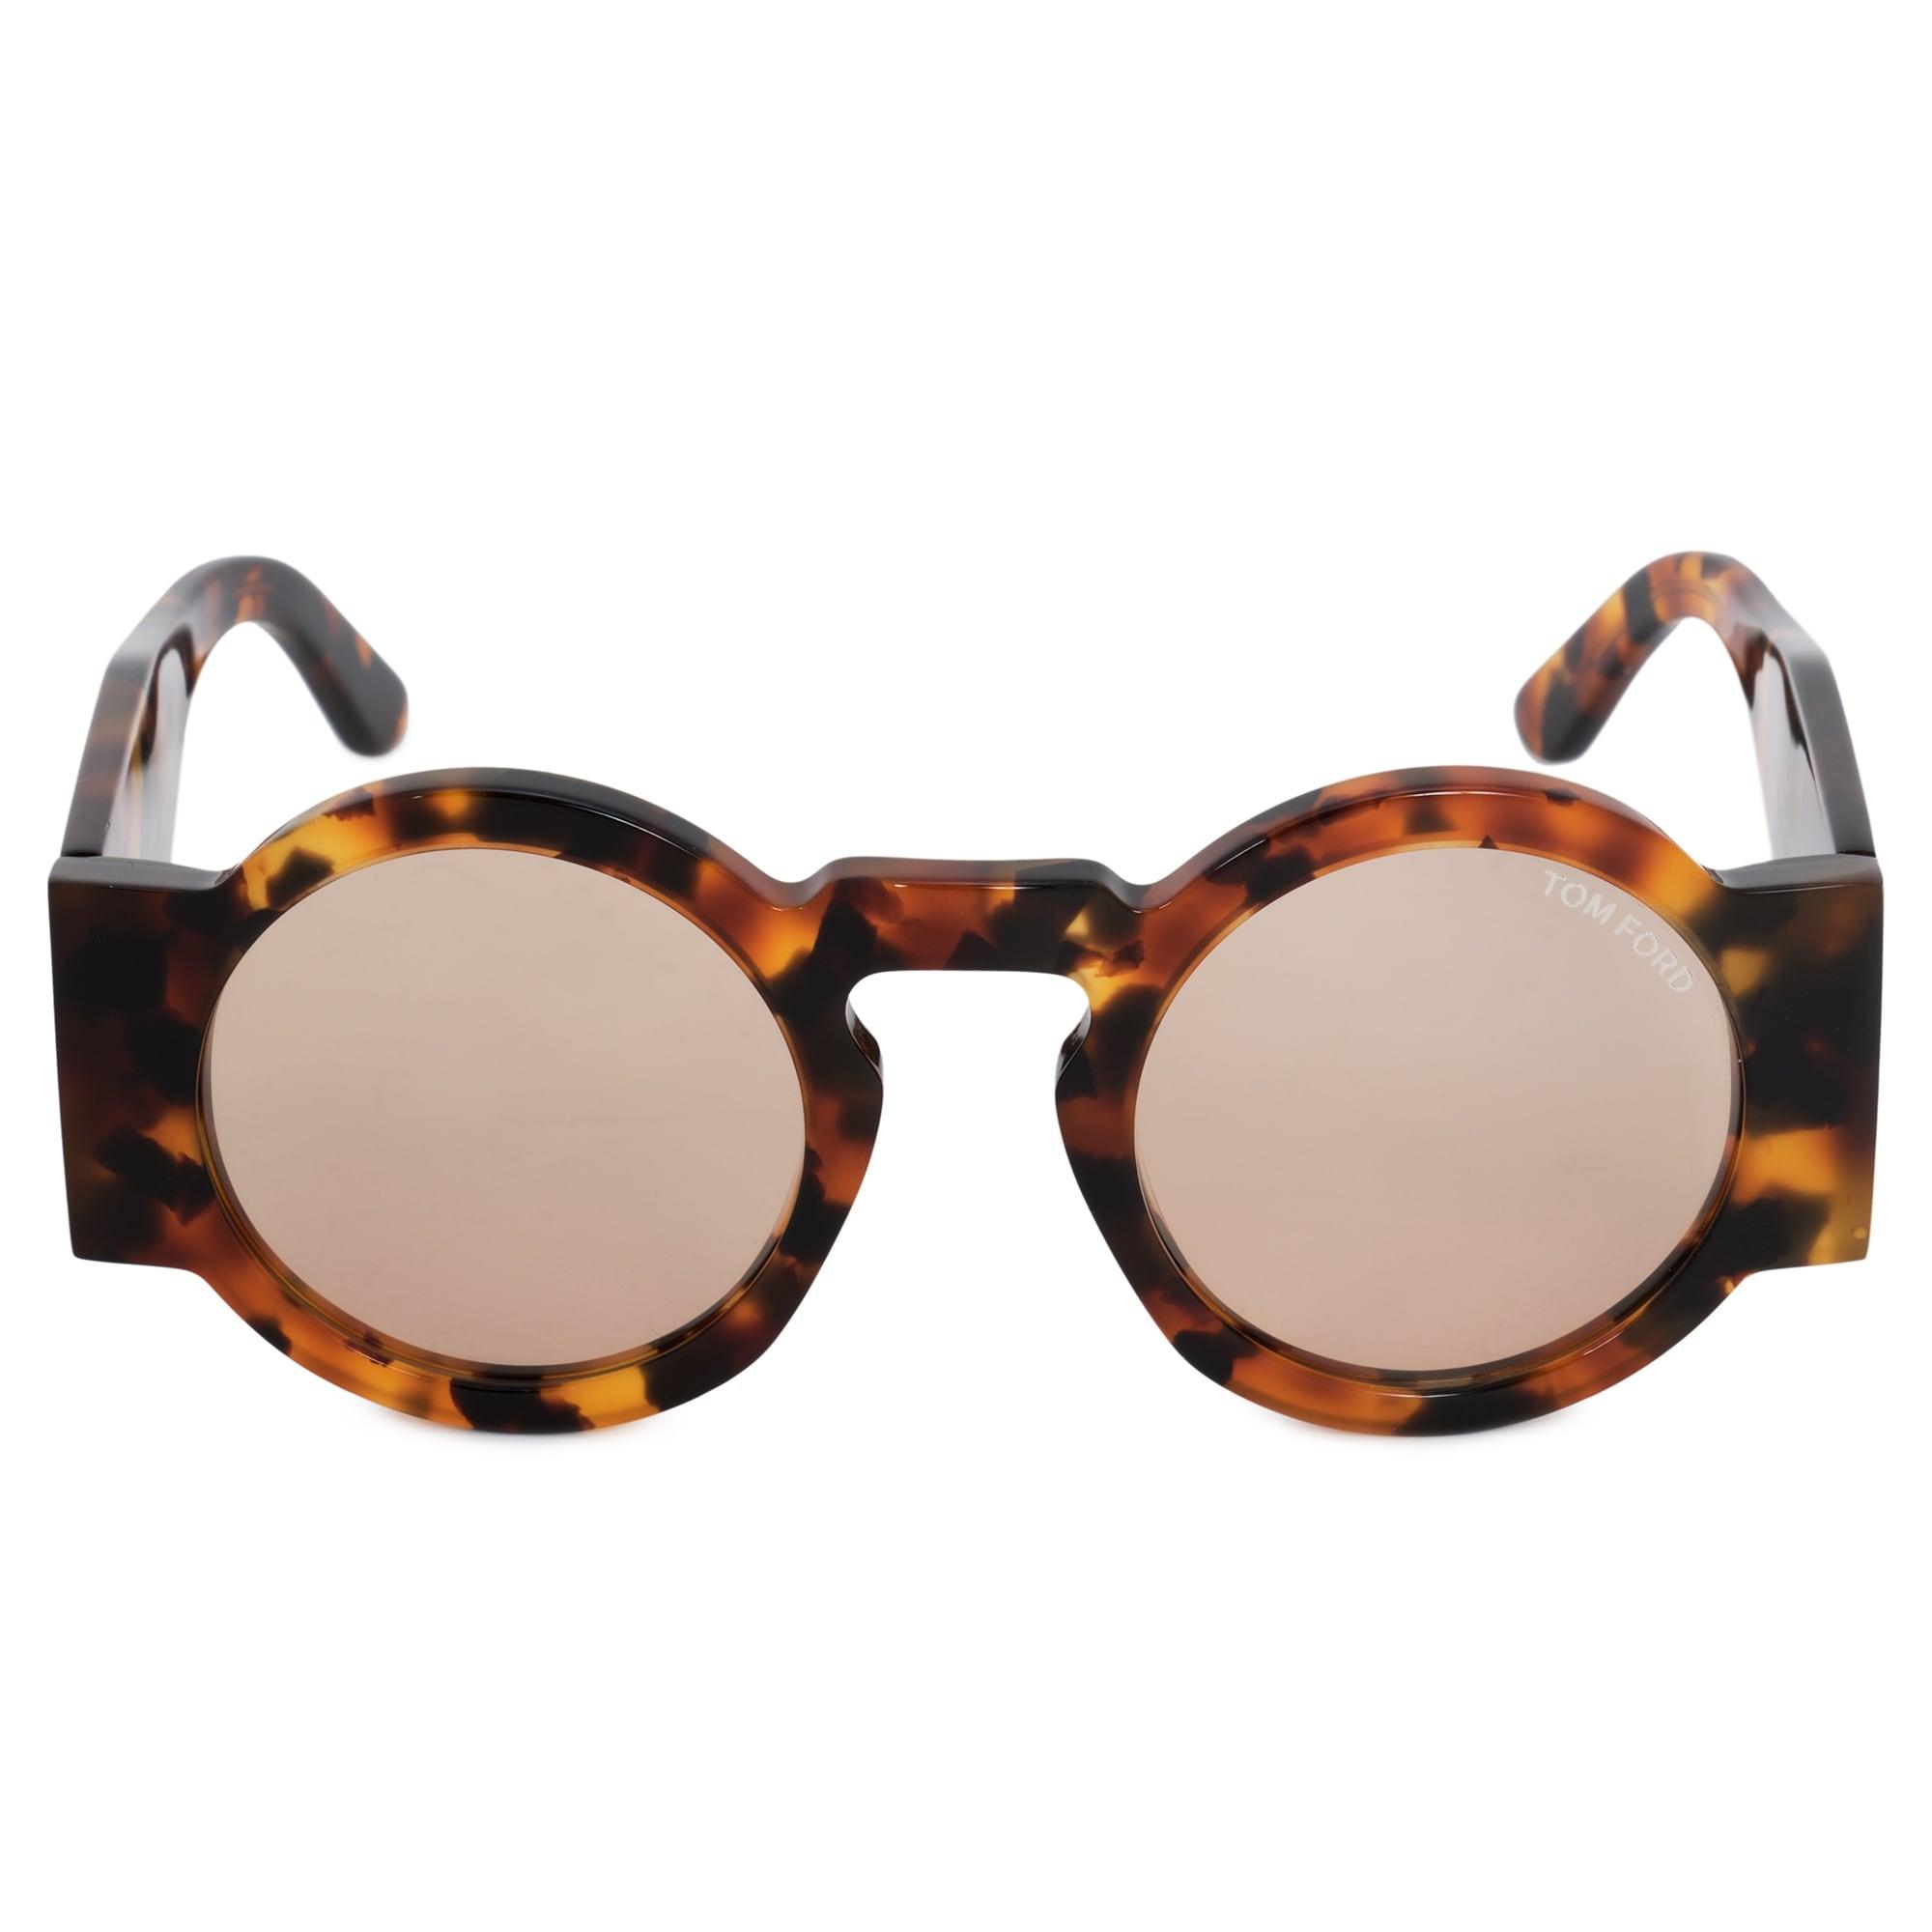 0875b5183431e Round Tom Ford Sunglasses